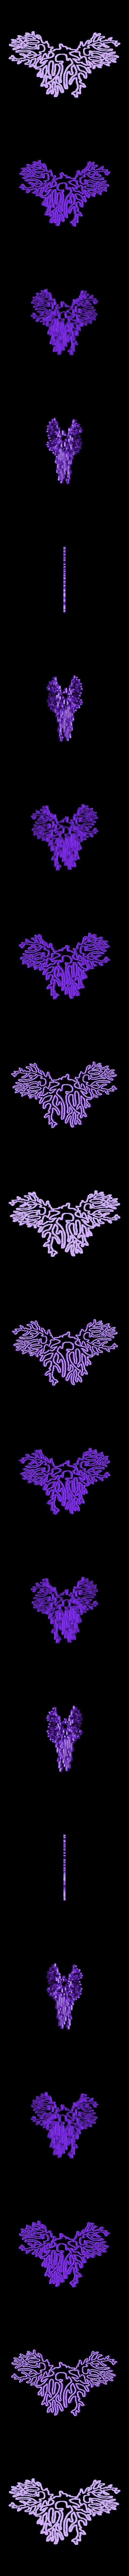 br18.stl Download free STL file coral necklace • 3D printable model, solunkejagruti